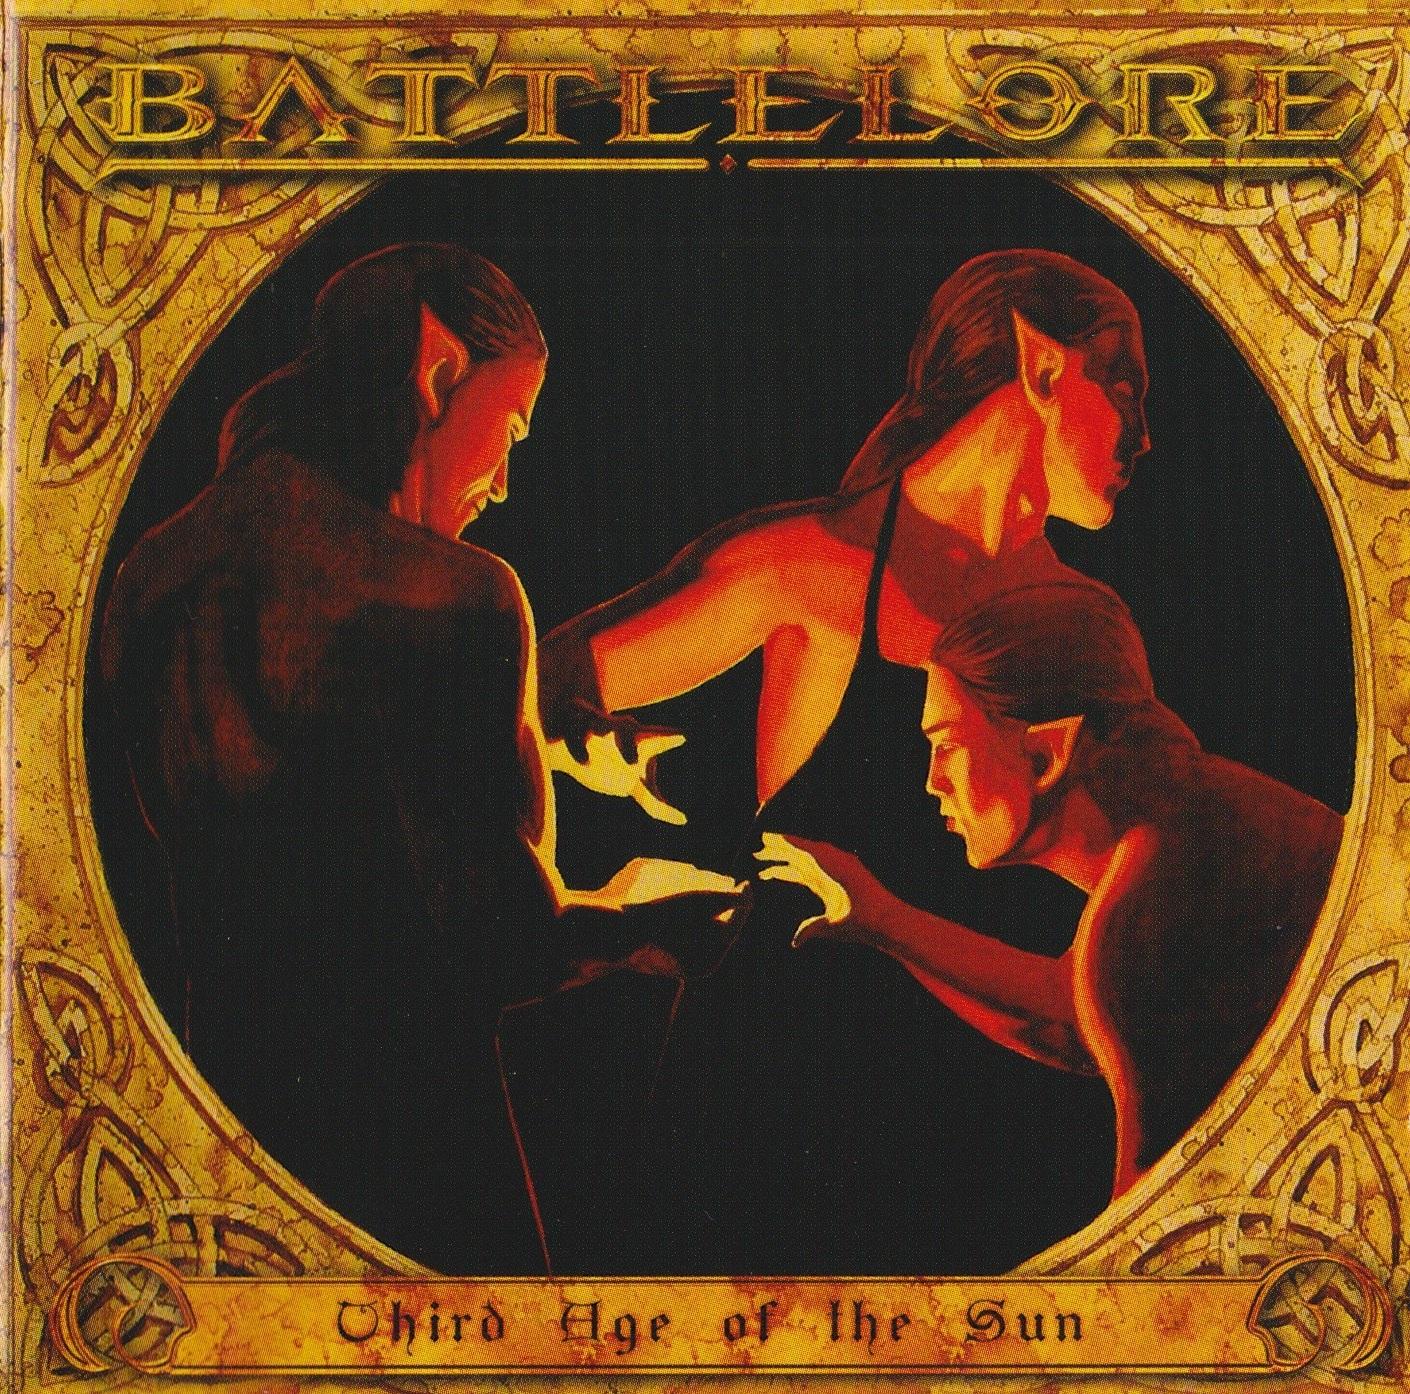 Battlelore — Third Age Of The Sun (2005)